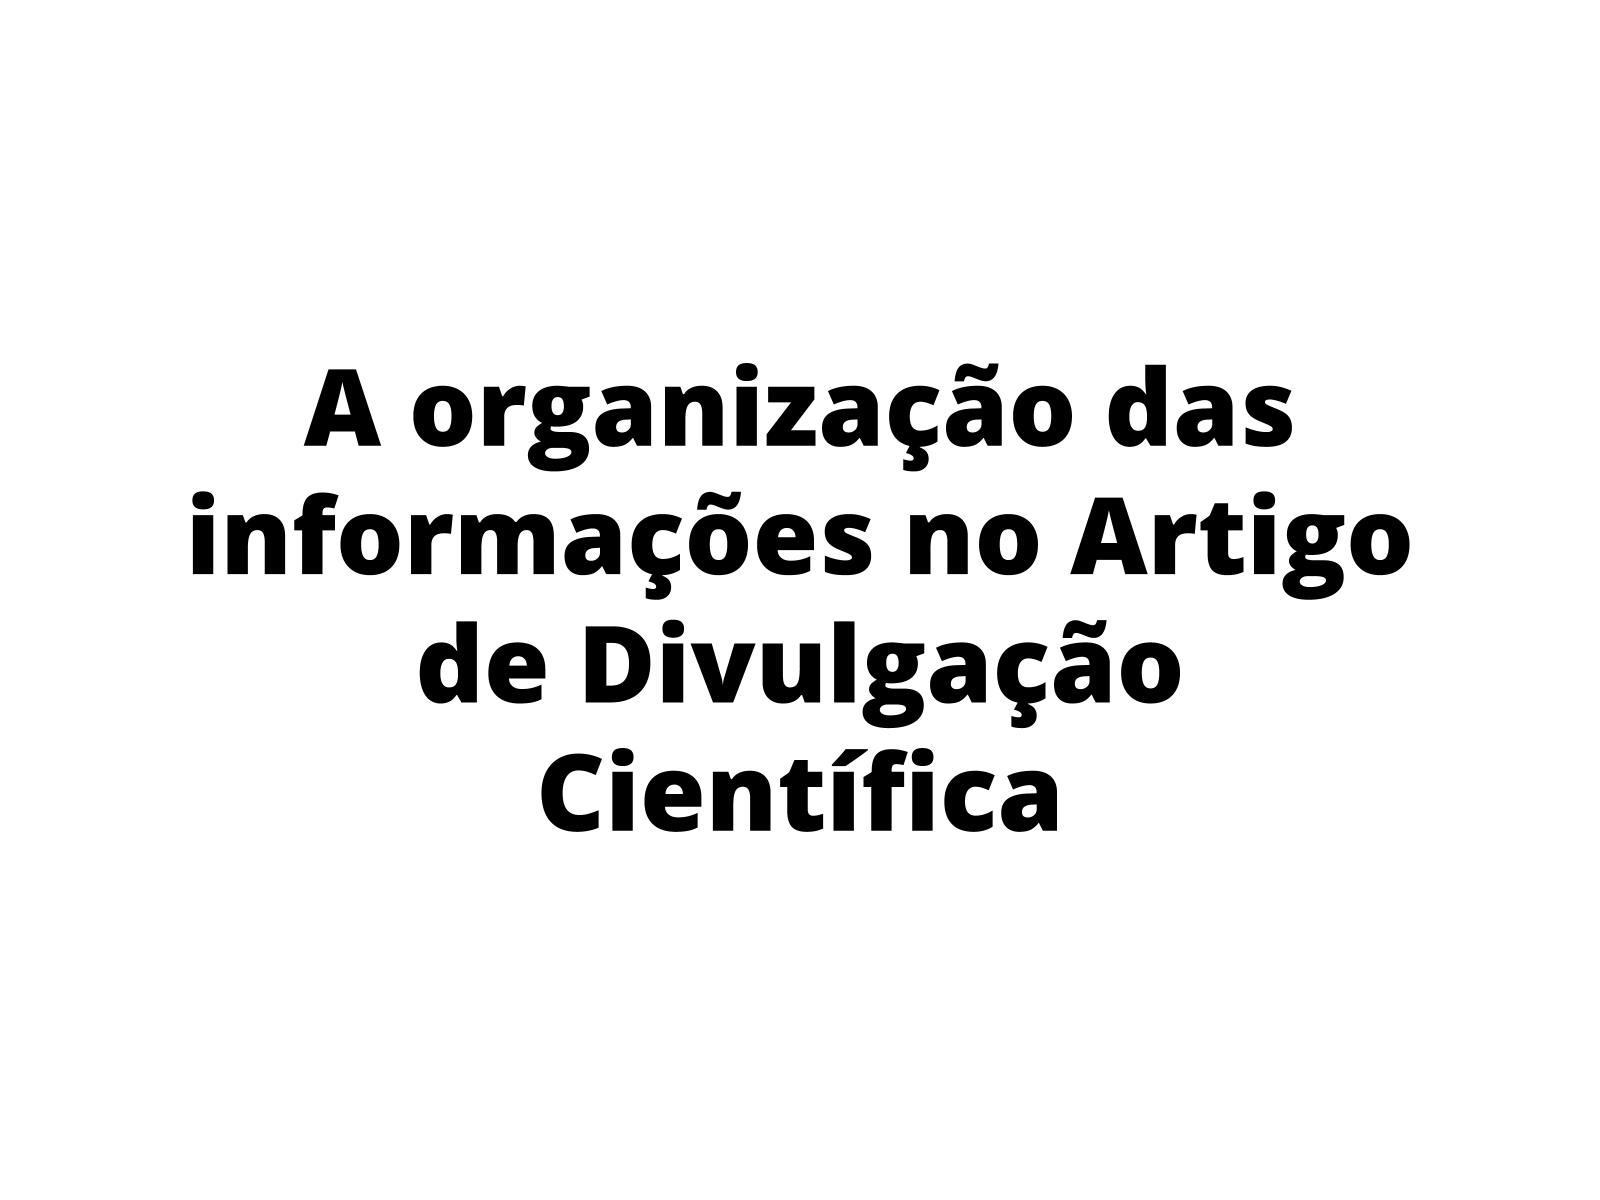 A organização das informações no artigo de divulgação científica